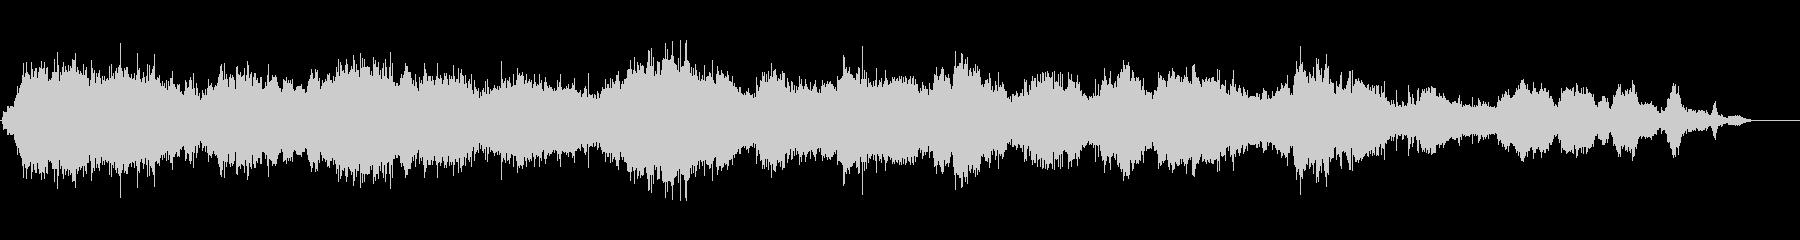 中級スタジオのオーディエンス:ノイ...の未再生の波形